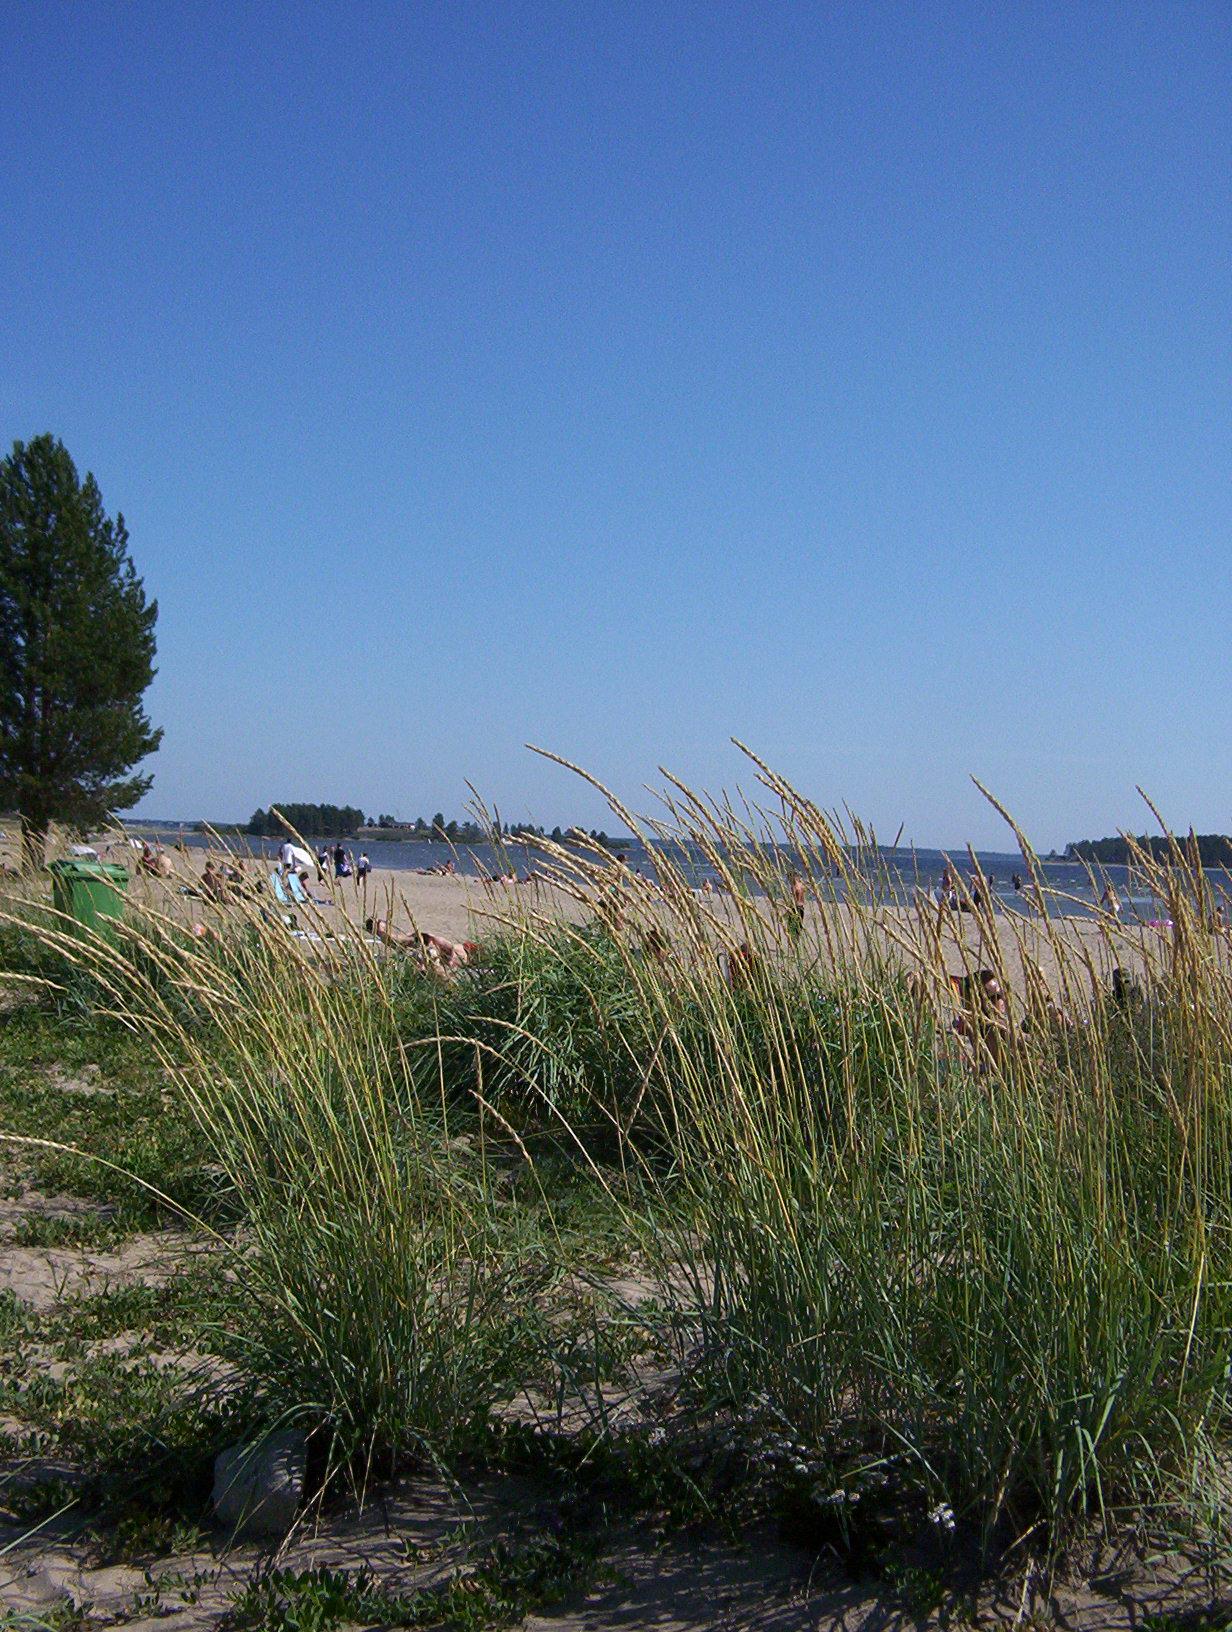 Pite havsbad beach